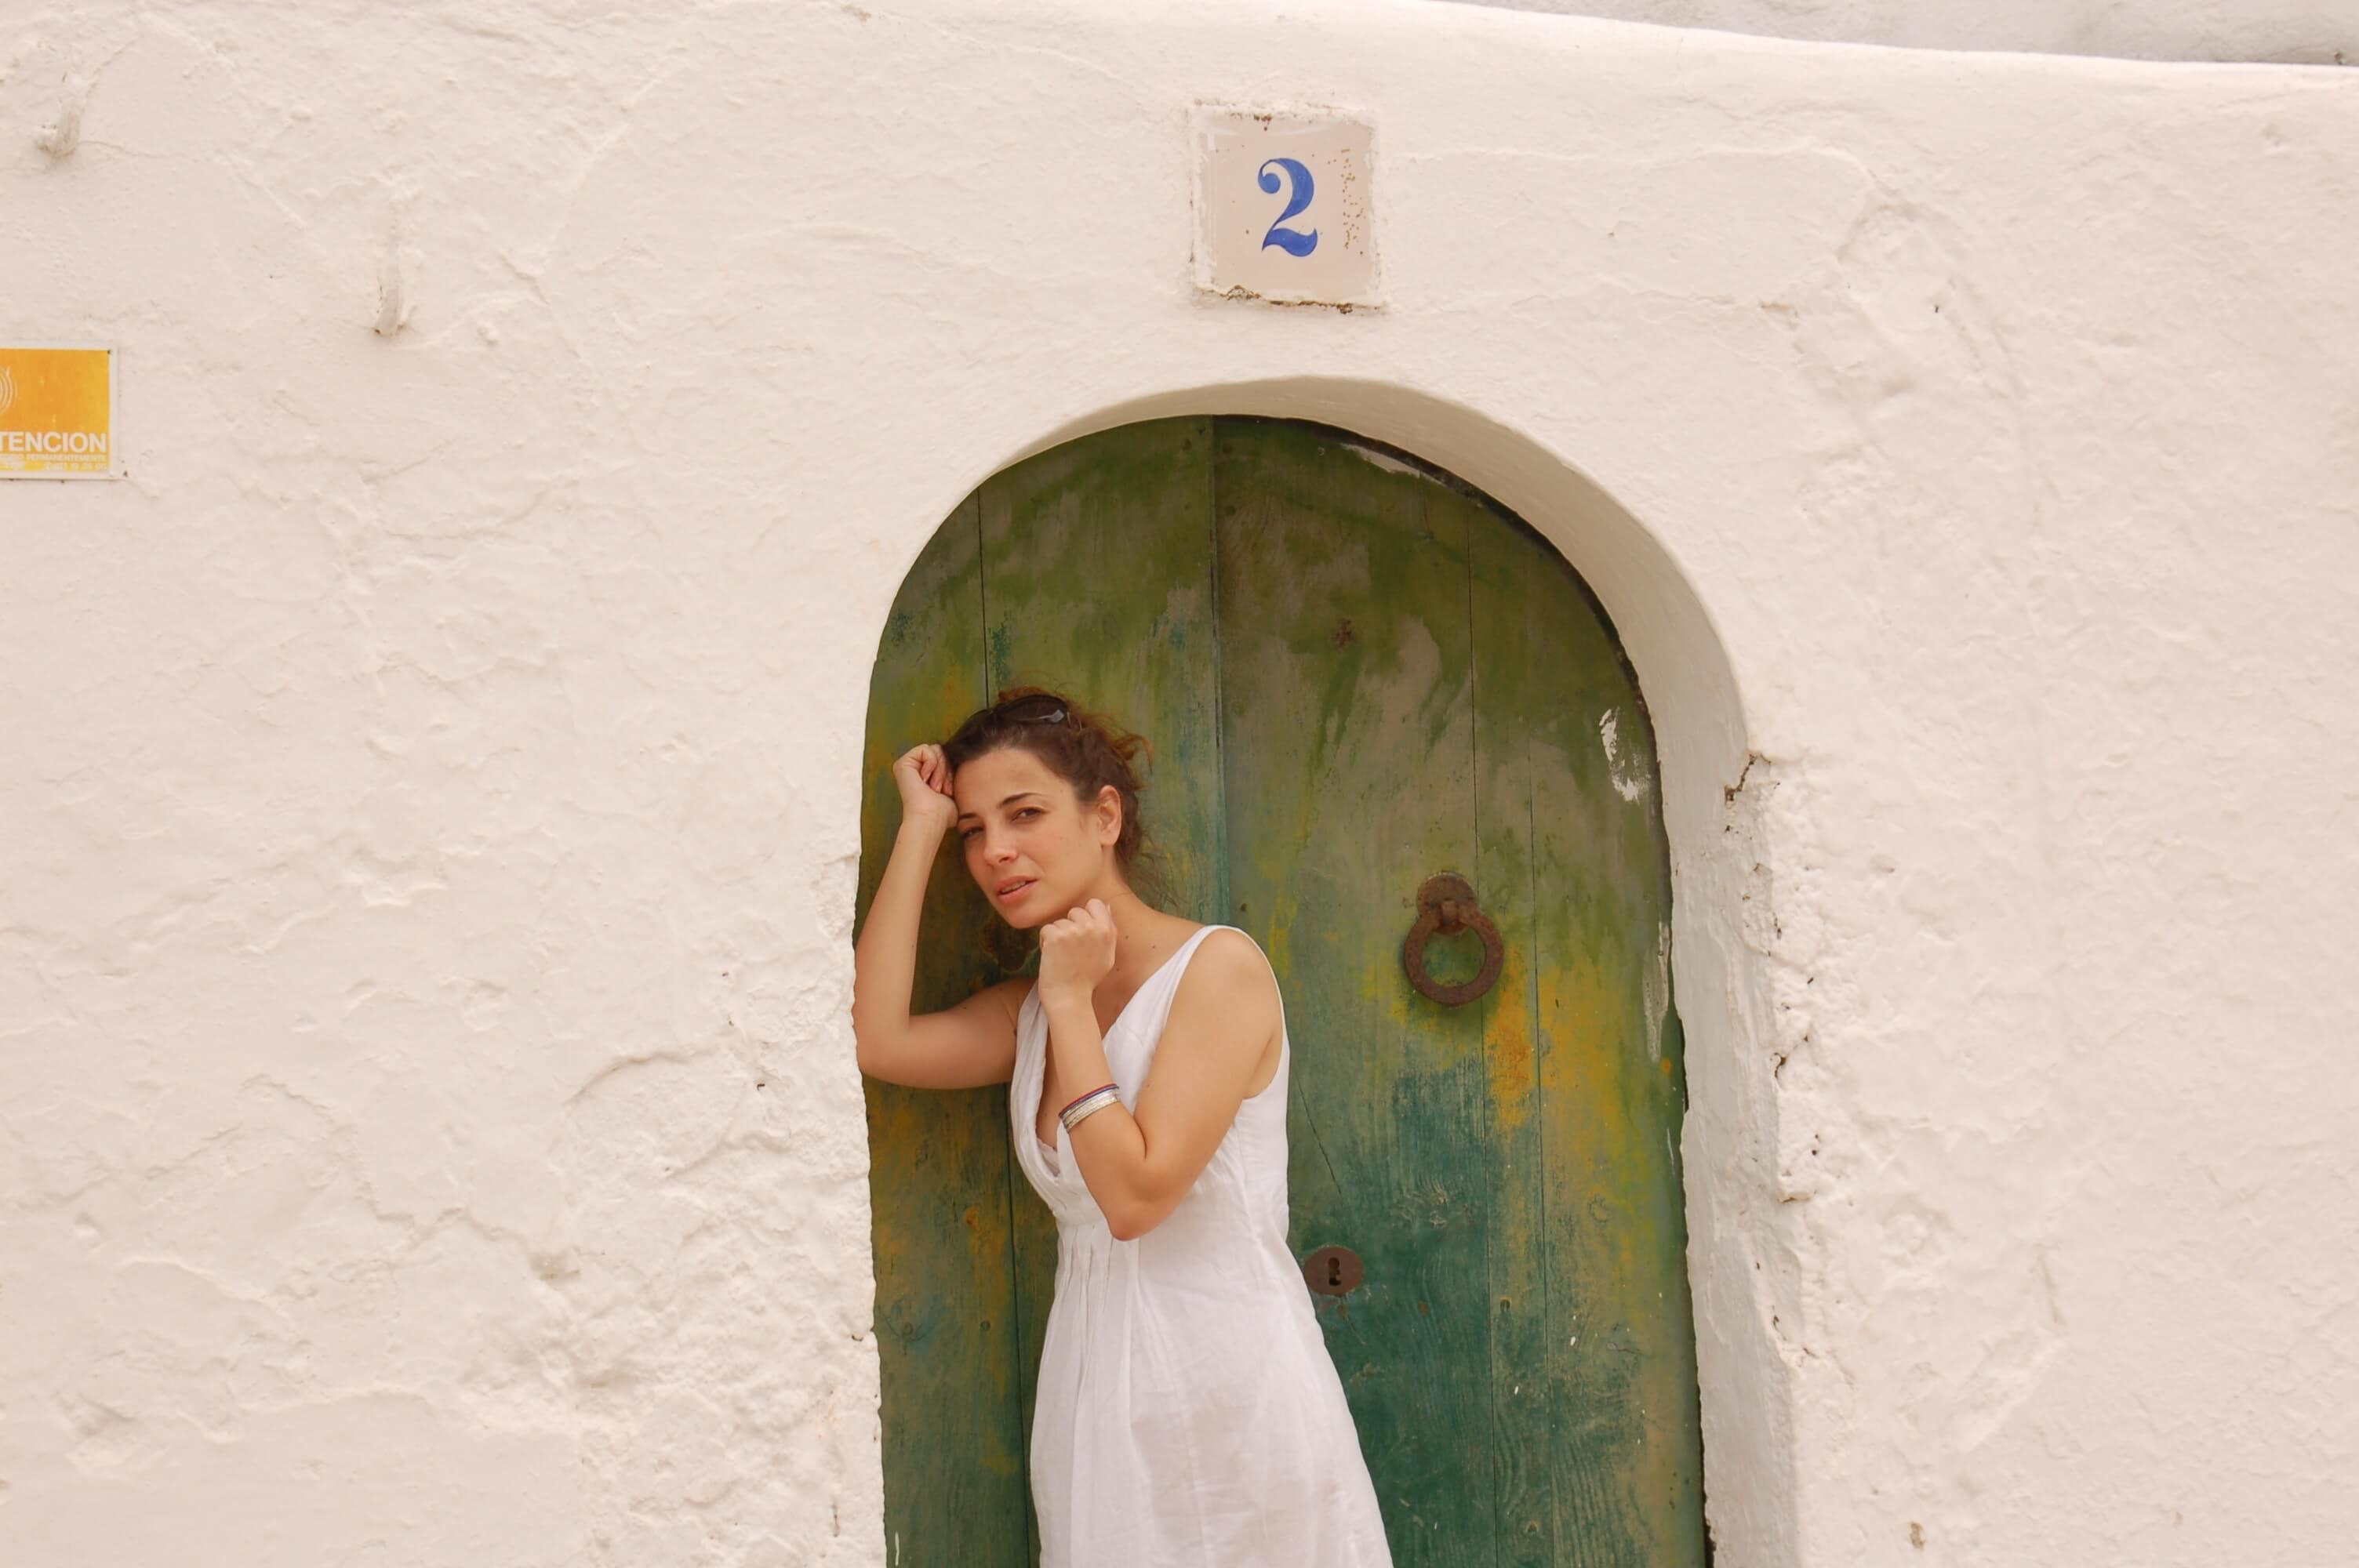 緑の扉の前に立つ女性